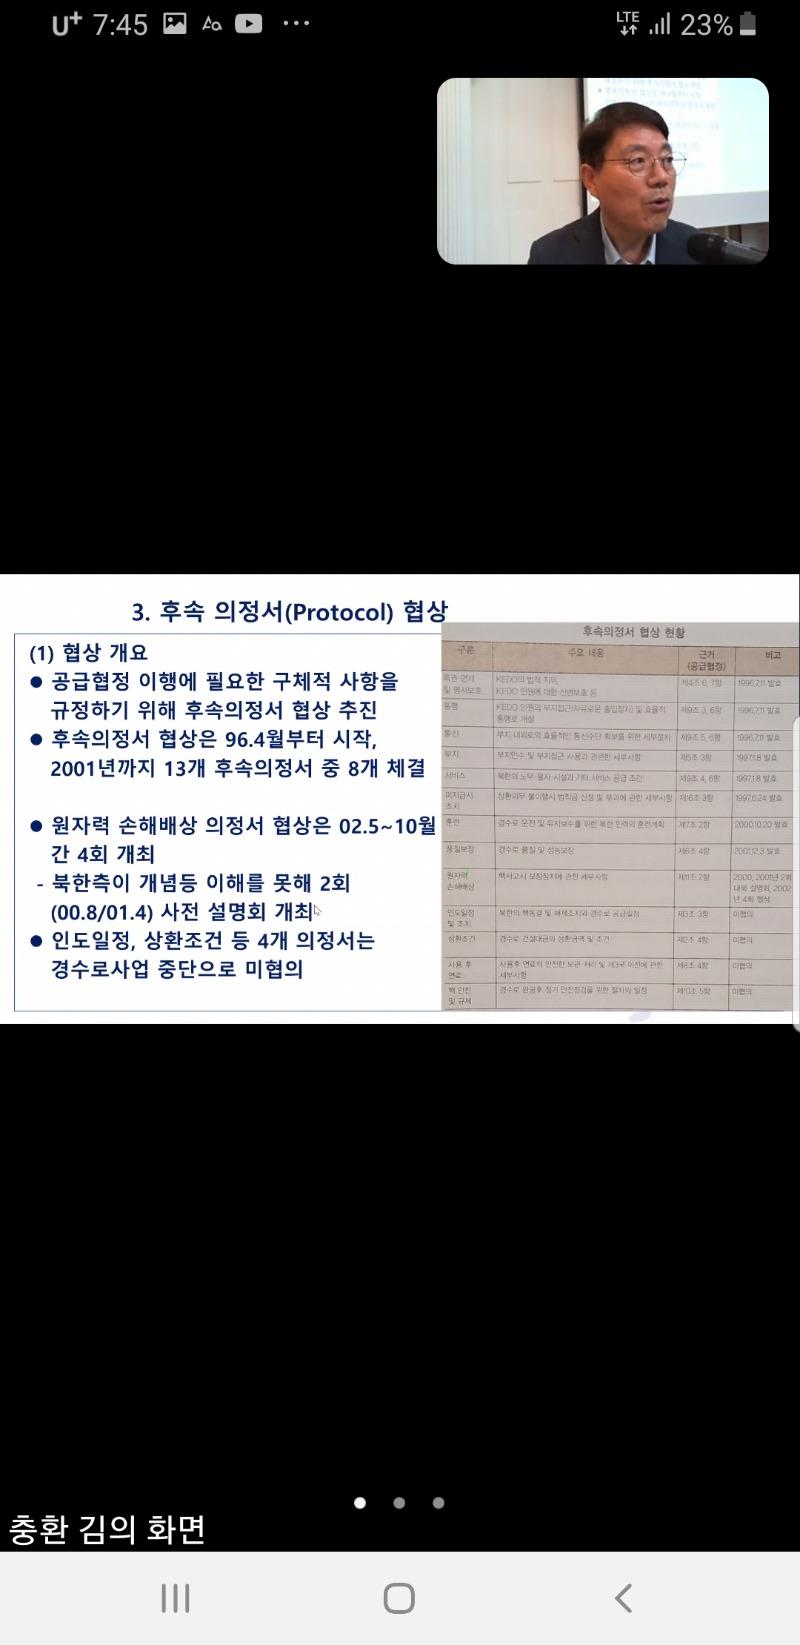 제11기 대북협상 아카데미 제7강 비대면 강의사진3.jpg